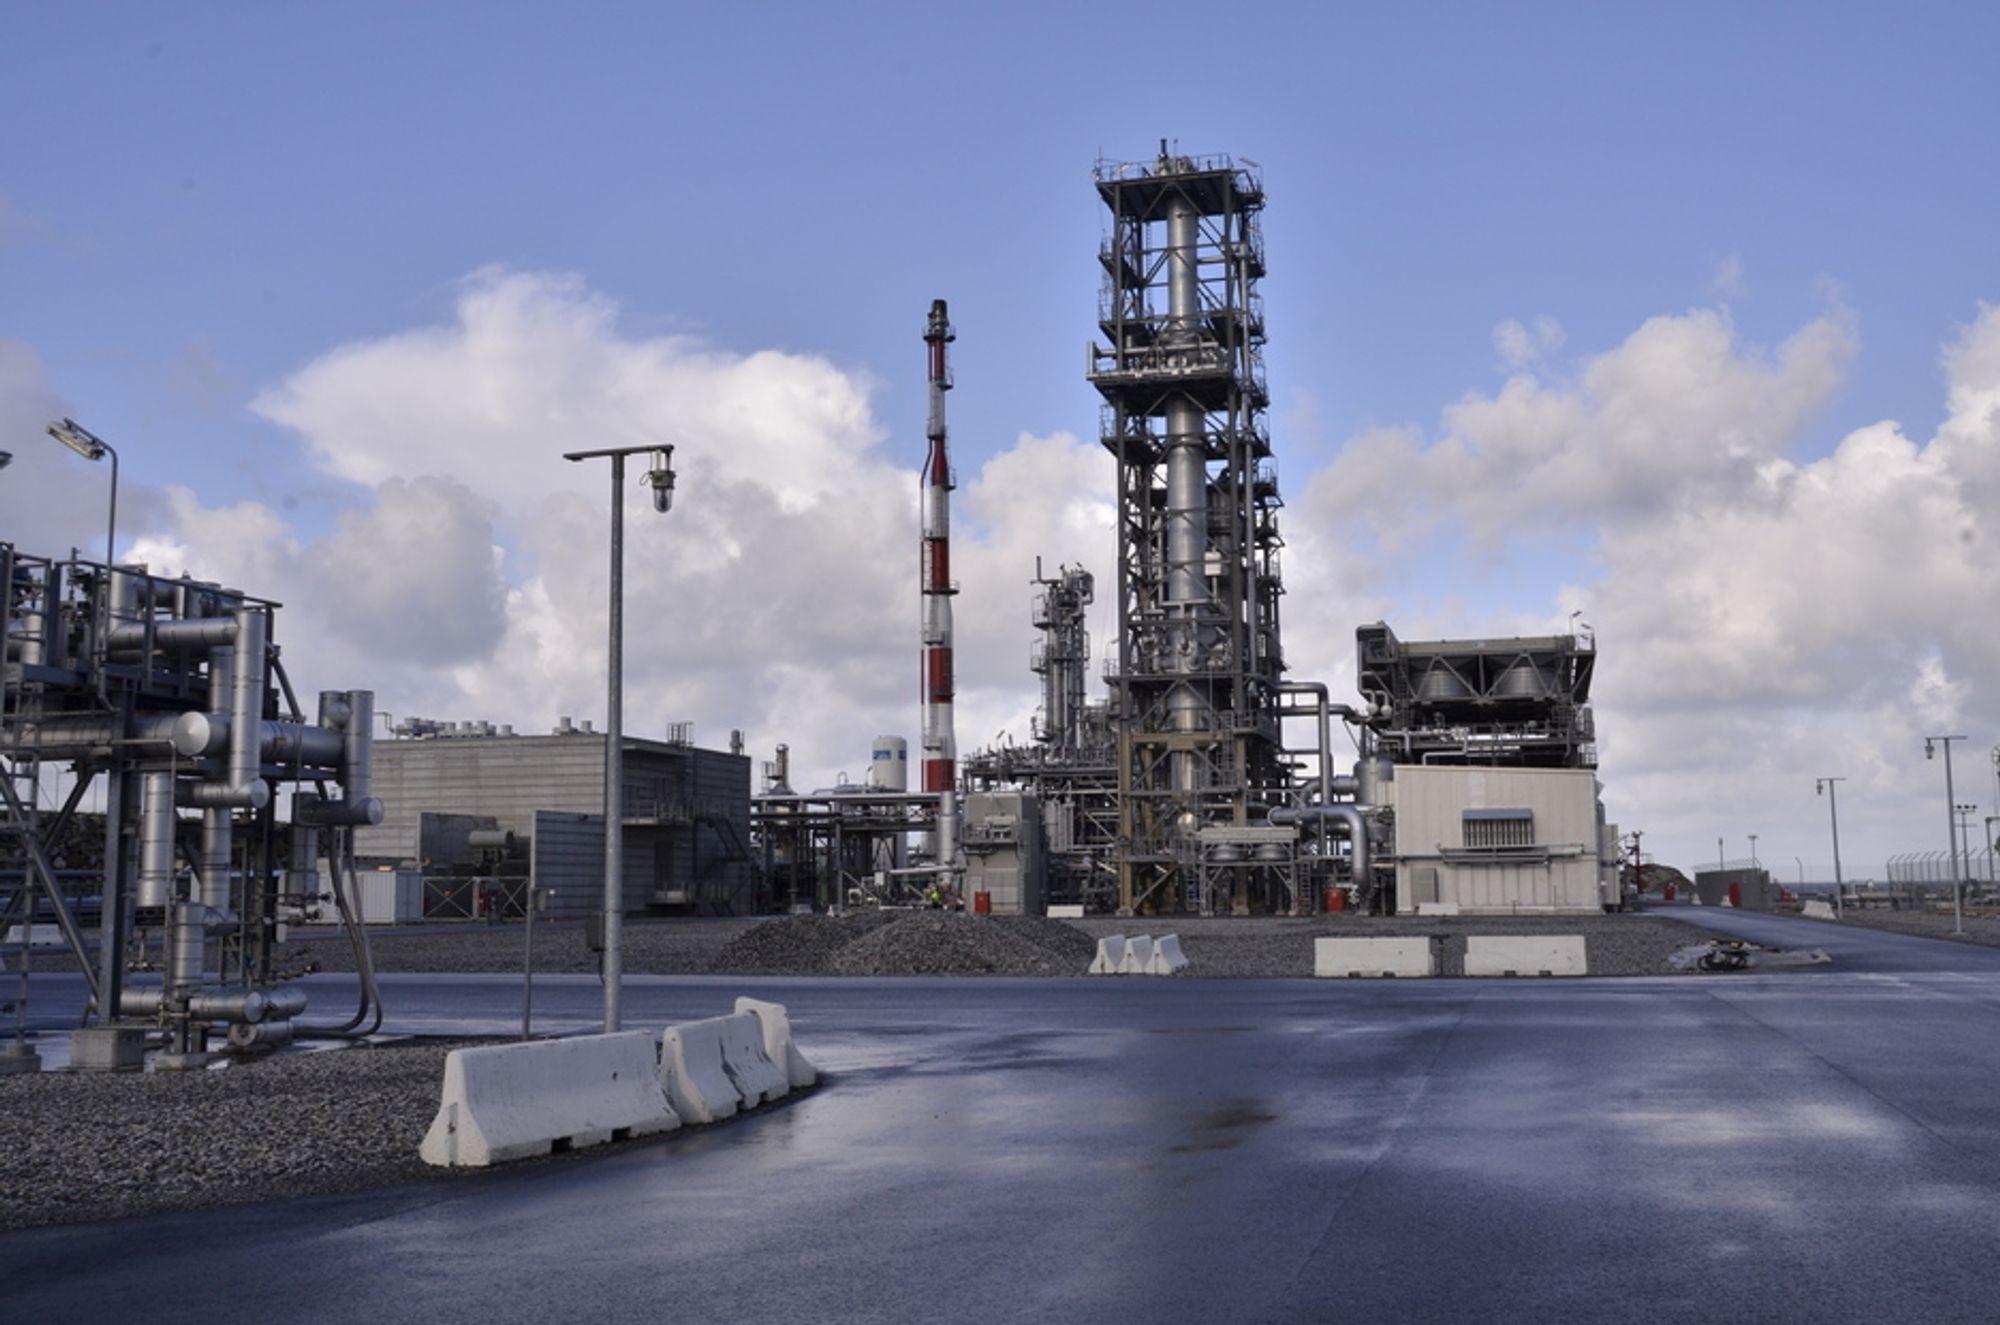 STILLEGÅENDE: Selv på en avstand på under 100 meter er LNG-fabrikken i Risavika tilnærmet lik støyfri. Den slipper heller ikke ut gass, og er luktfri. Det er viktig siden fabrikken kun ligger en kilometer unna bebyggelsen i Tananger.